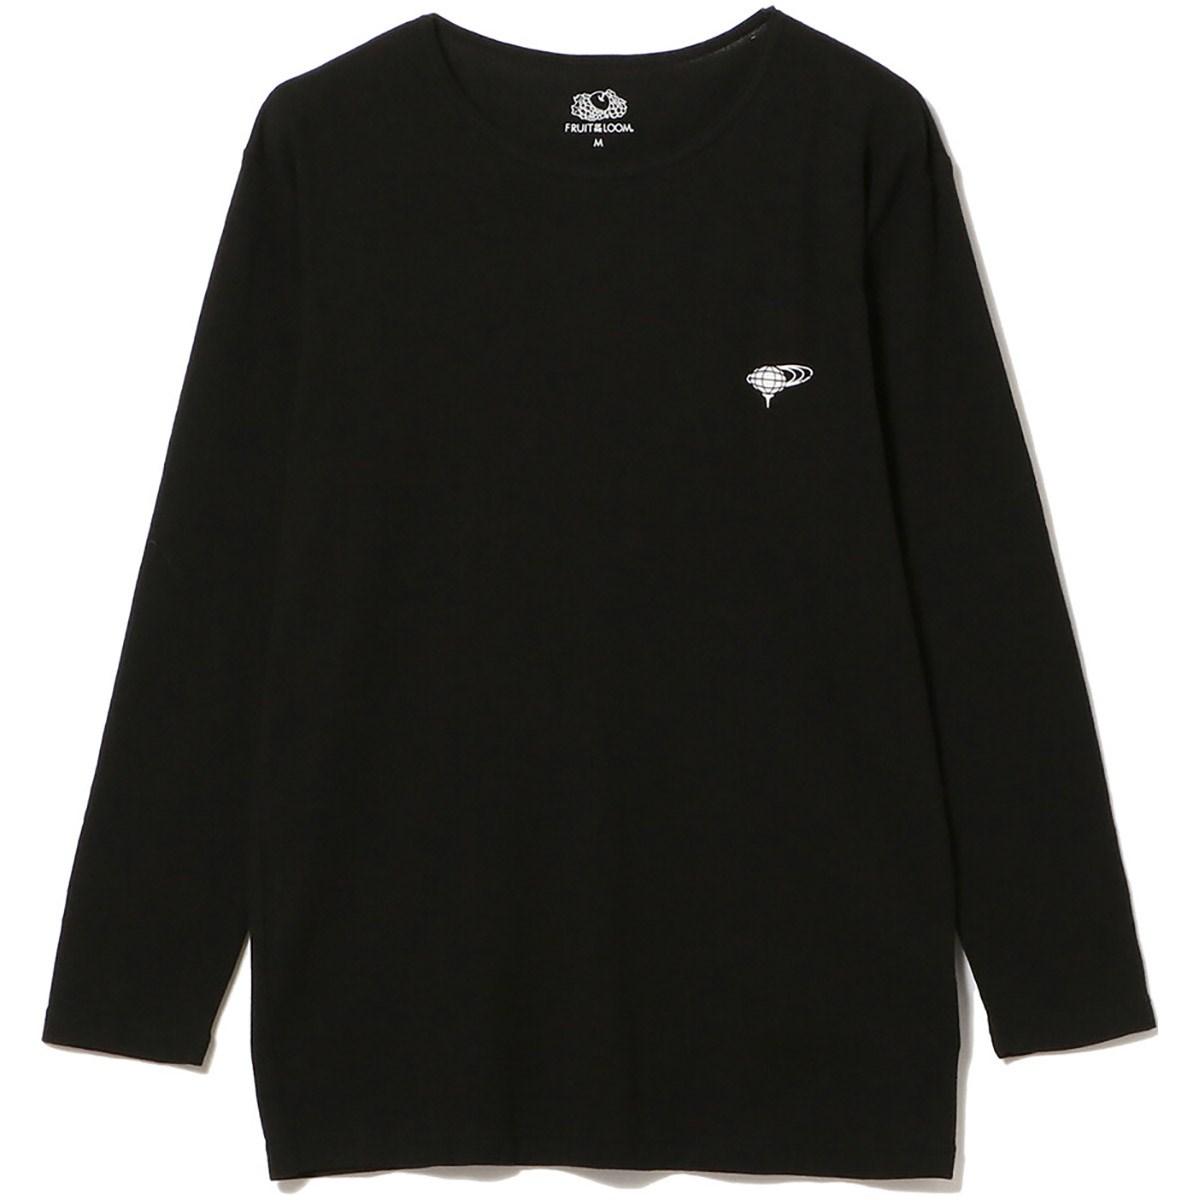 ビームスゴルフ FRUIT OF THE LOOM×BEAMS GOLF 発熱 長袖インナーシャツ